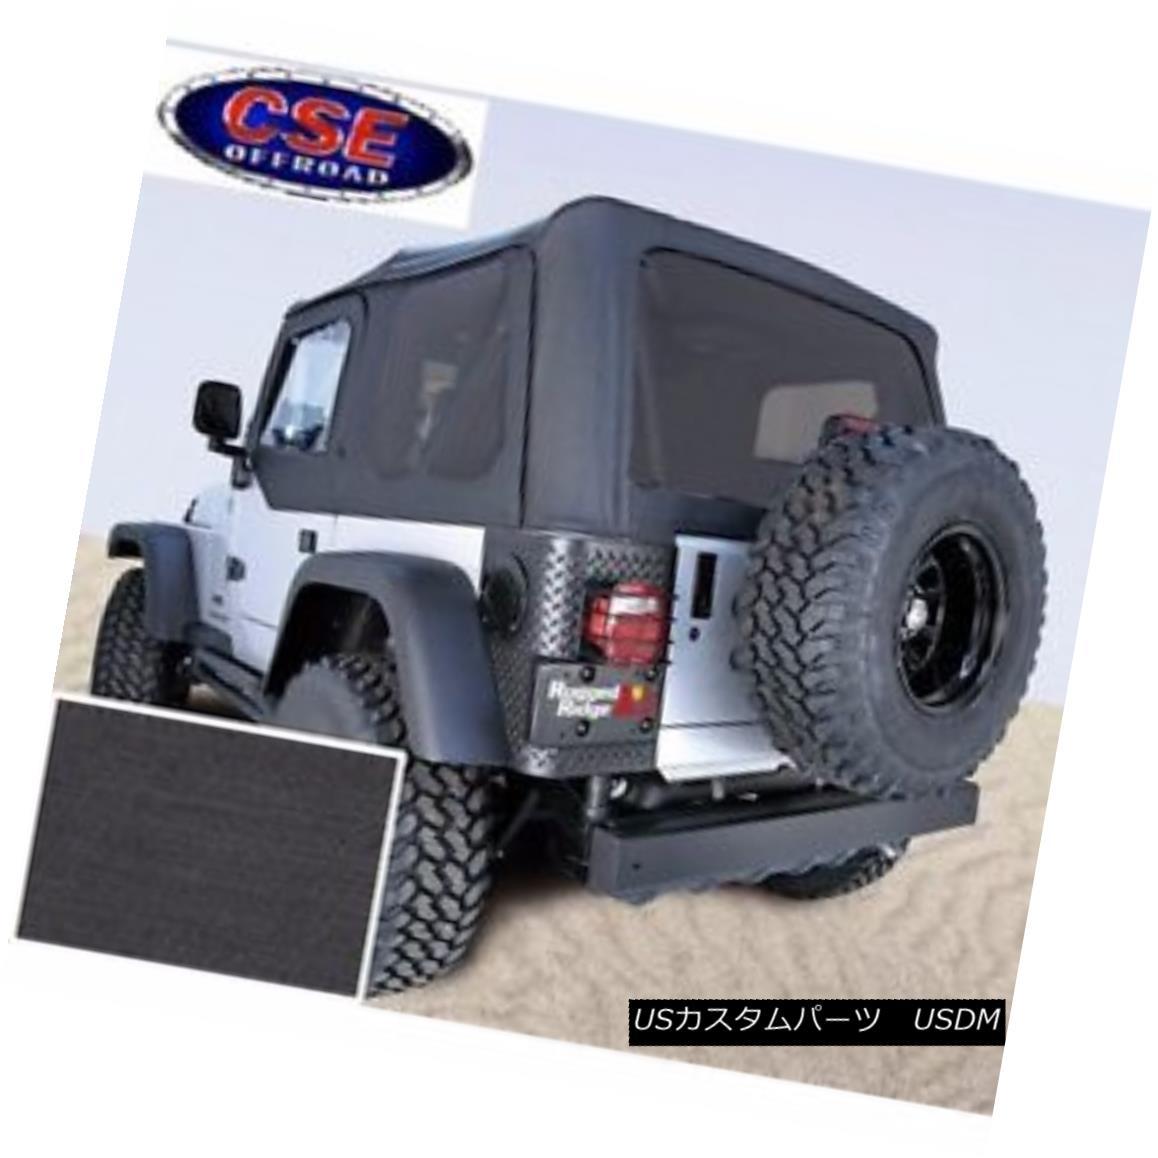 幌・ソフトトップ Black Soft Top with Tinted Windows Jeep Wrangler TJ 97-02 13706.15 Rugged Ridge ティンテッド・ウィンドウを備えたブラック・ソフト・トップジープ・ラングラーTJ 97-02 13706.15頑丈なリッジ